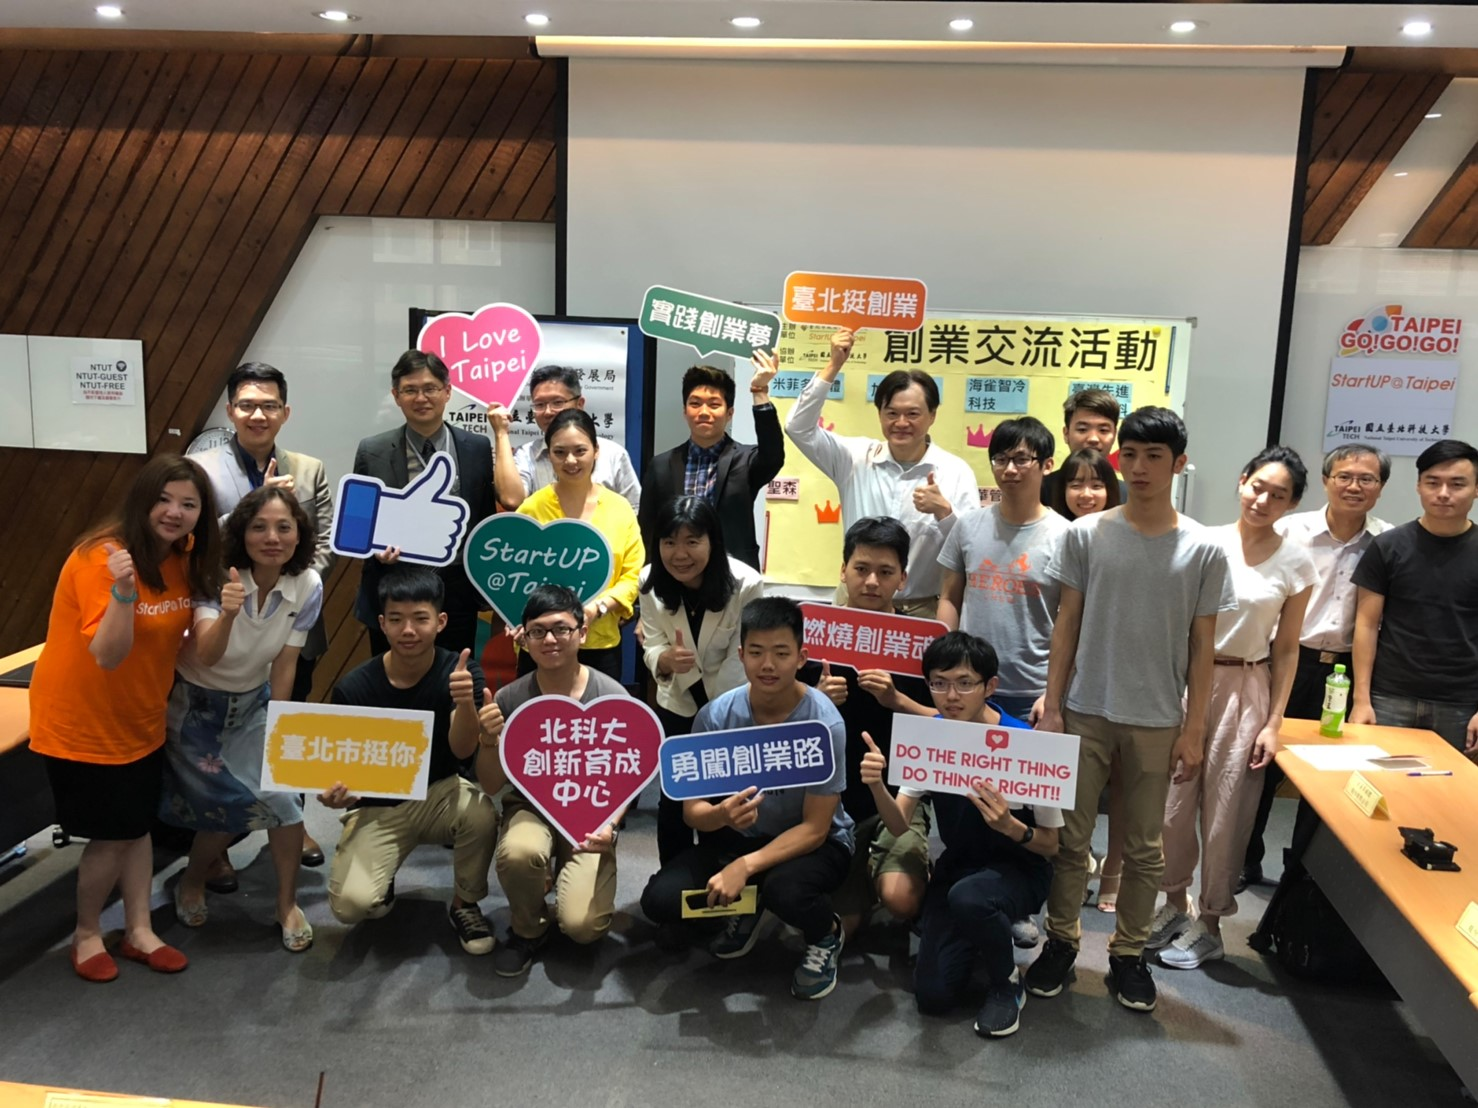 108 05 15 創業交流會(北科大) 活動花絮圖片